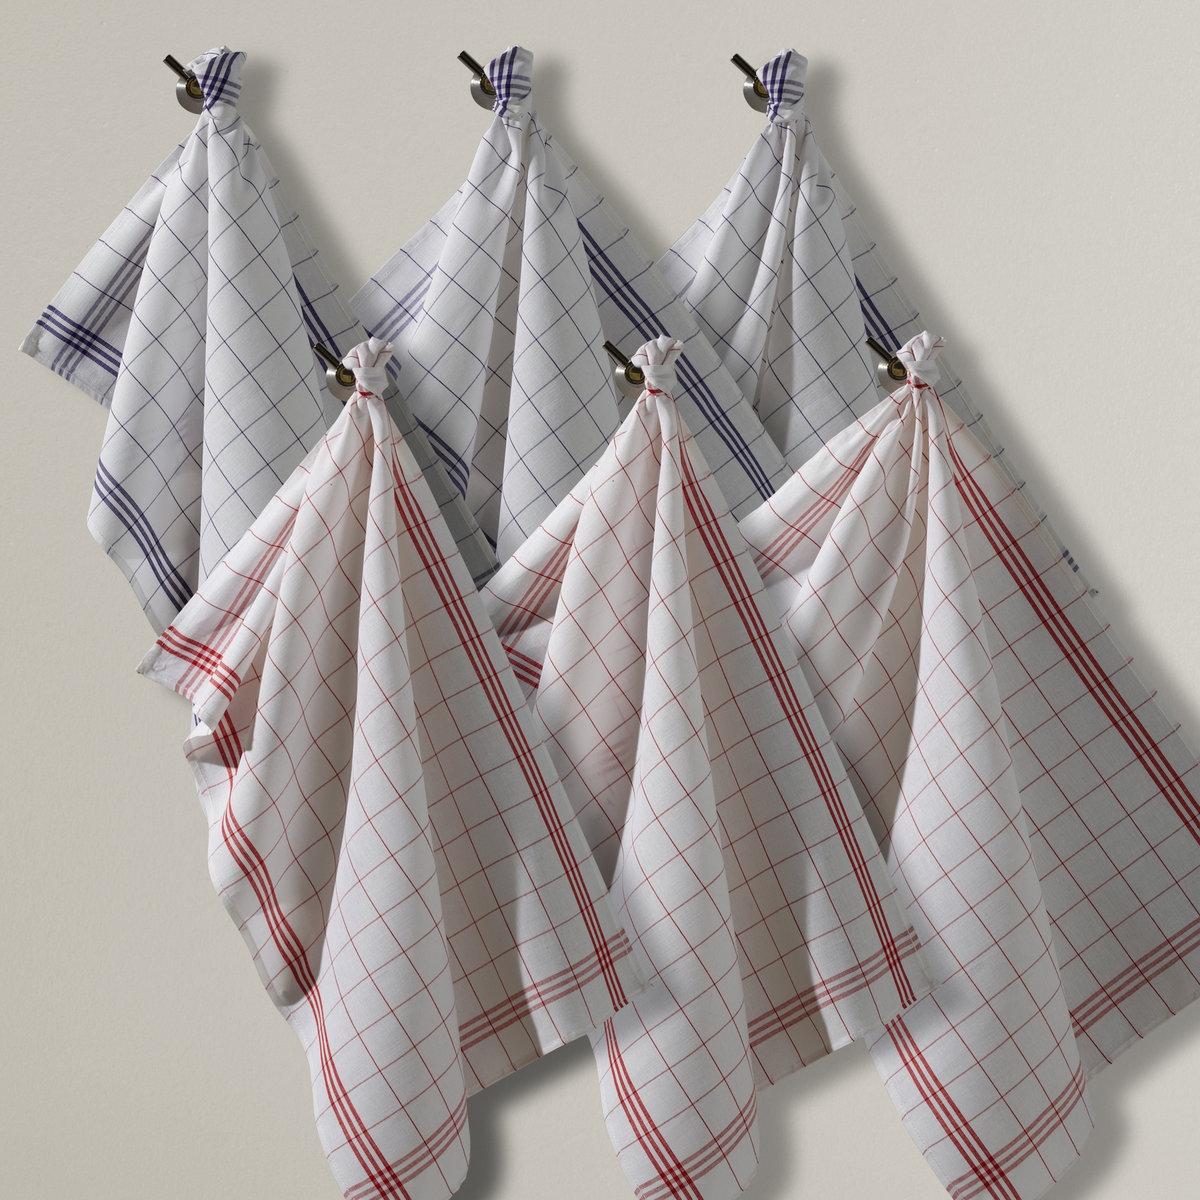 Комплект из 6 кухонных полотенец из смесовой ткани из льна и хлопка COLAS